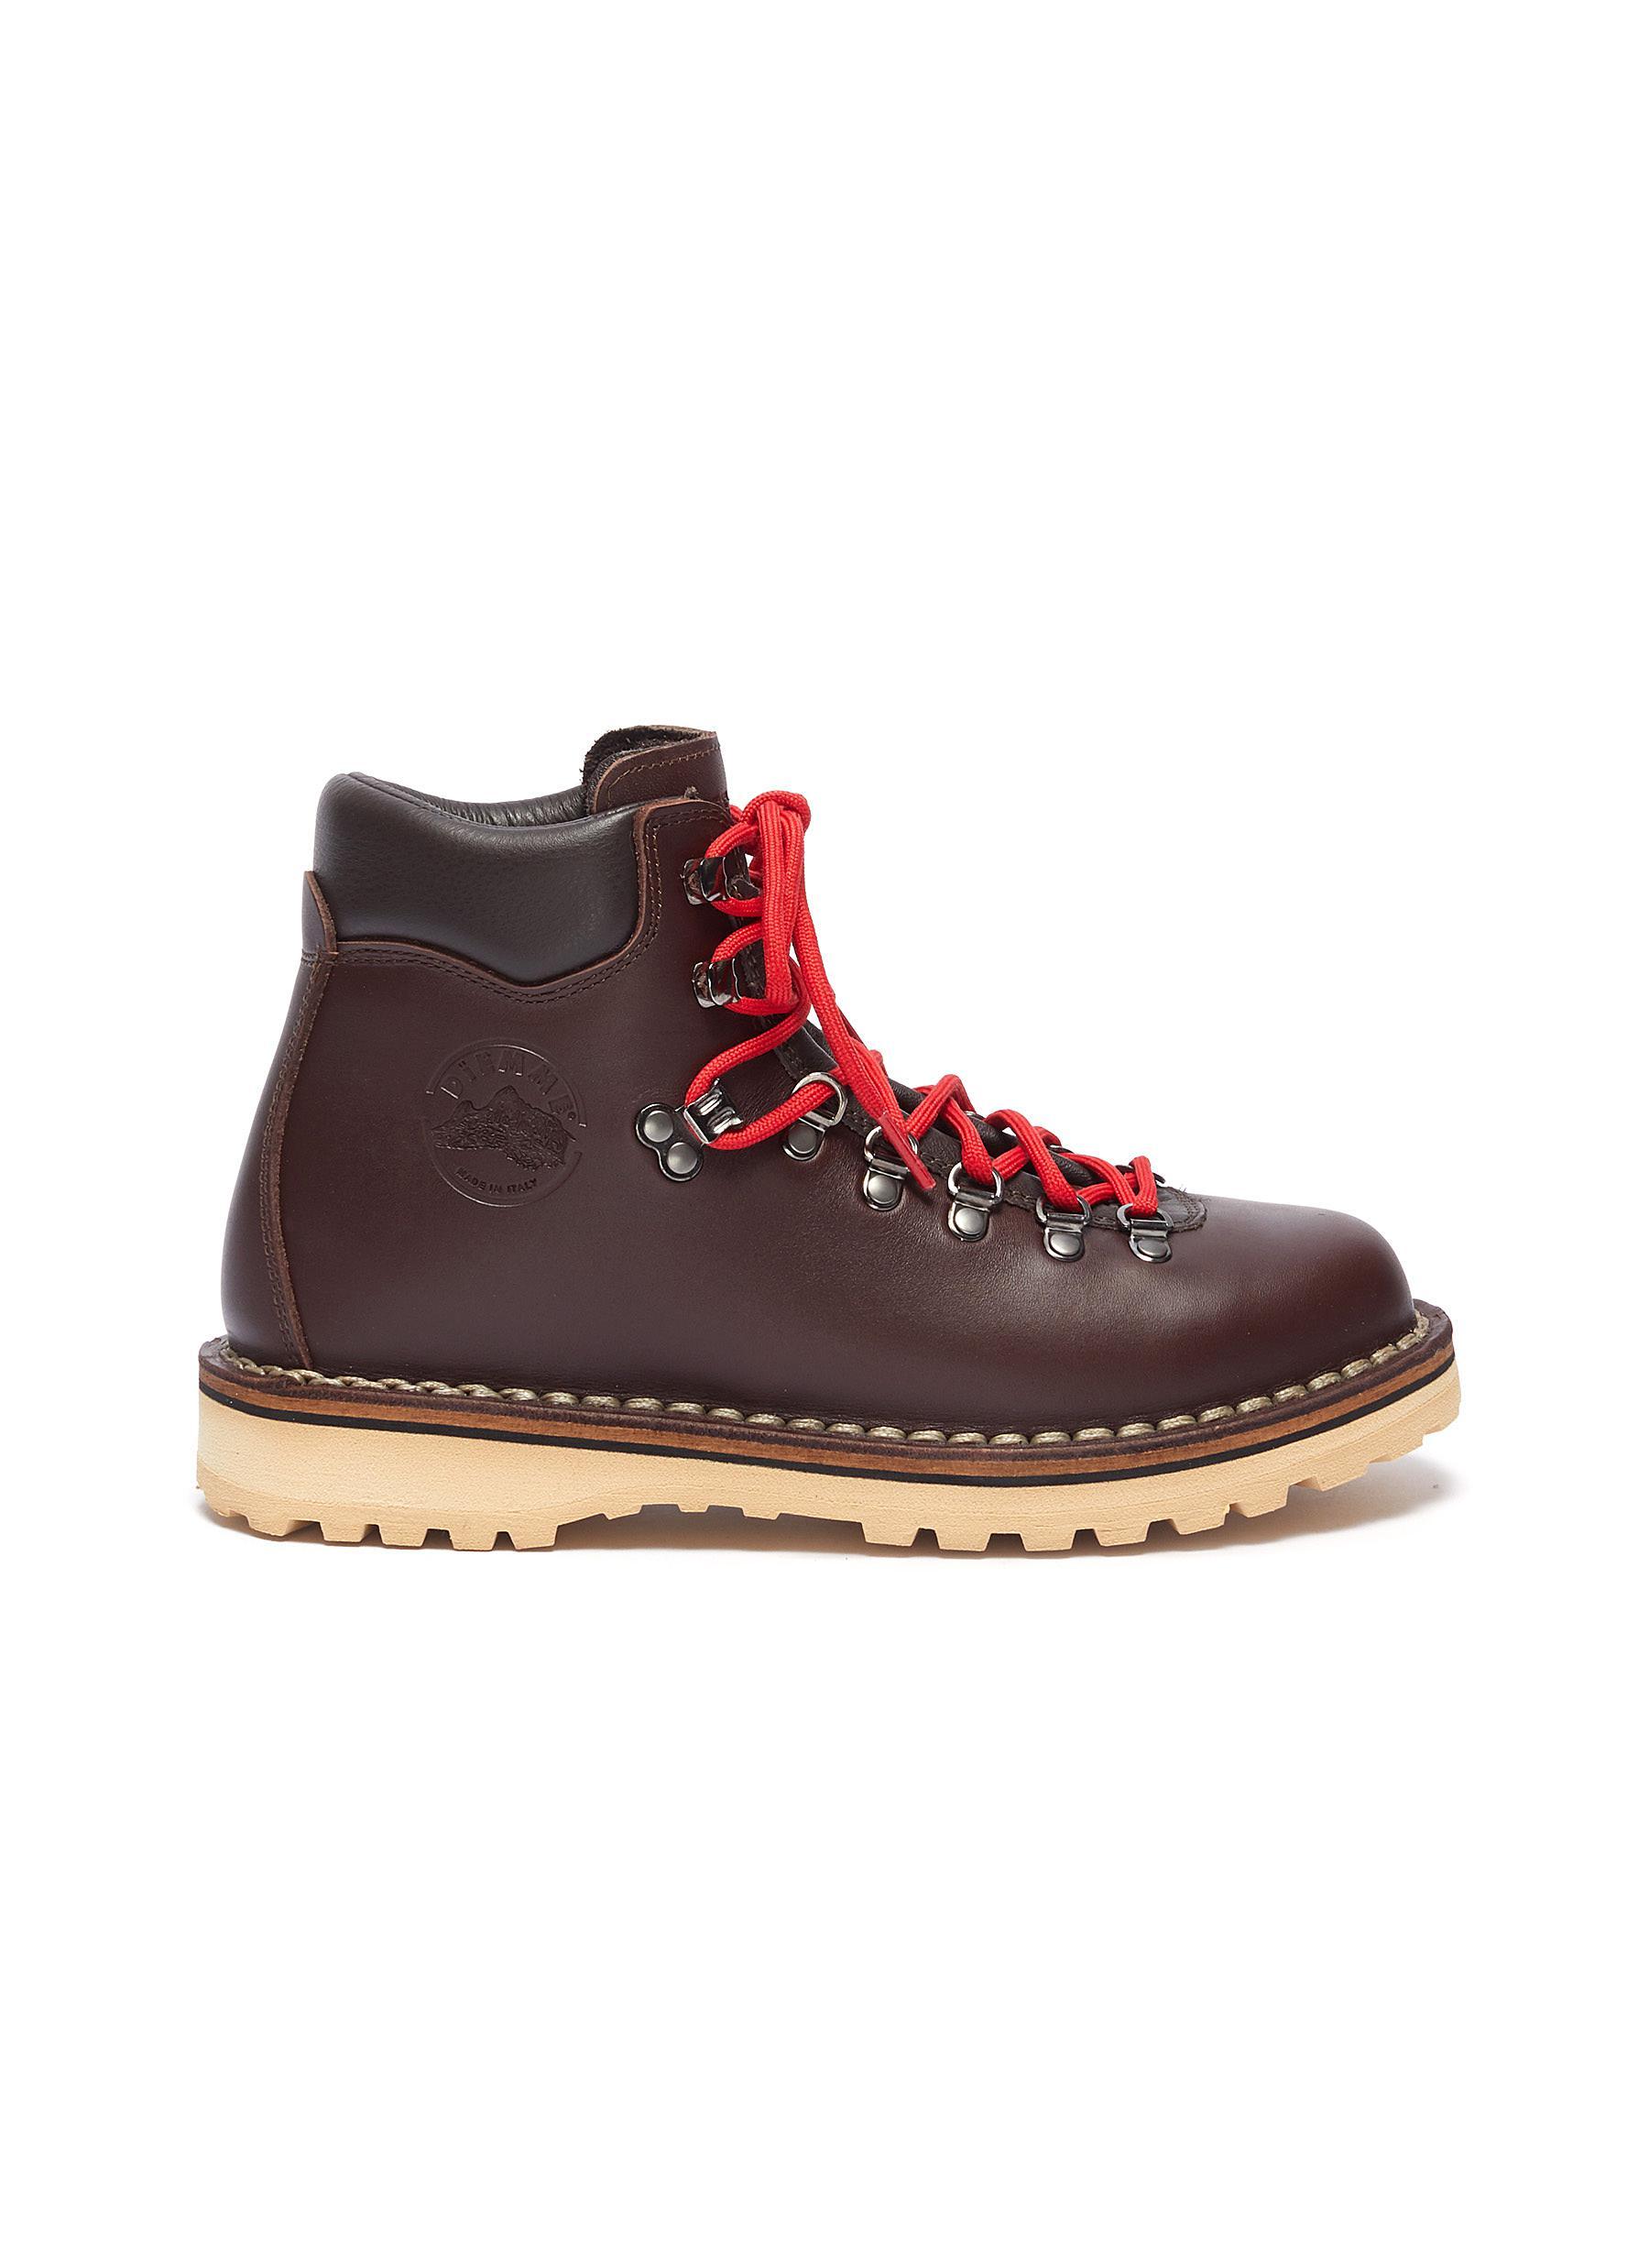 Diemme Boots Roccia contrast lace calf hiker boots